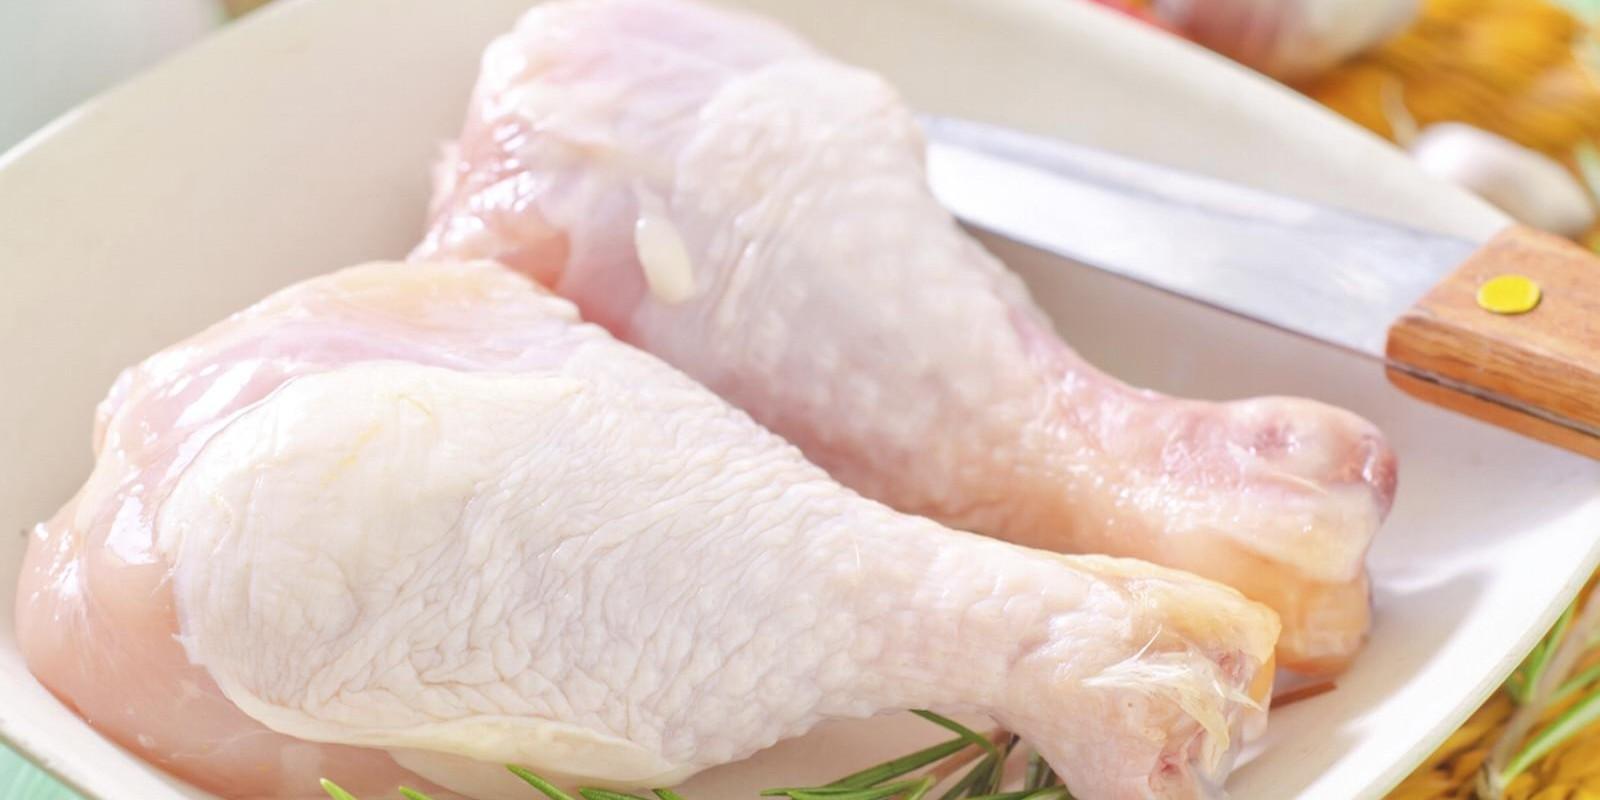 Frango/Cepea: Estoque reduzido impulsiona preço da carne